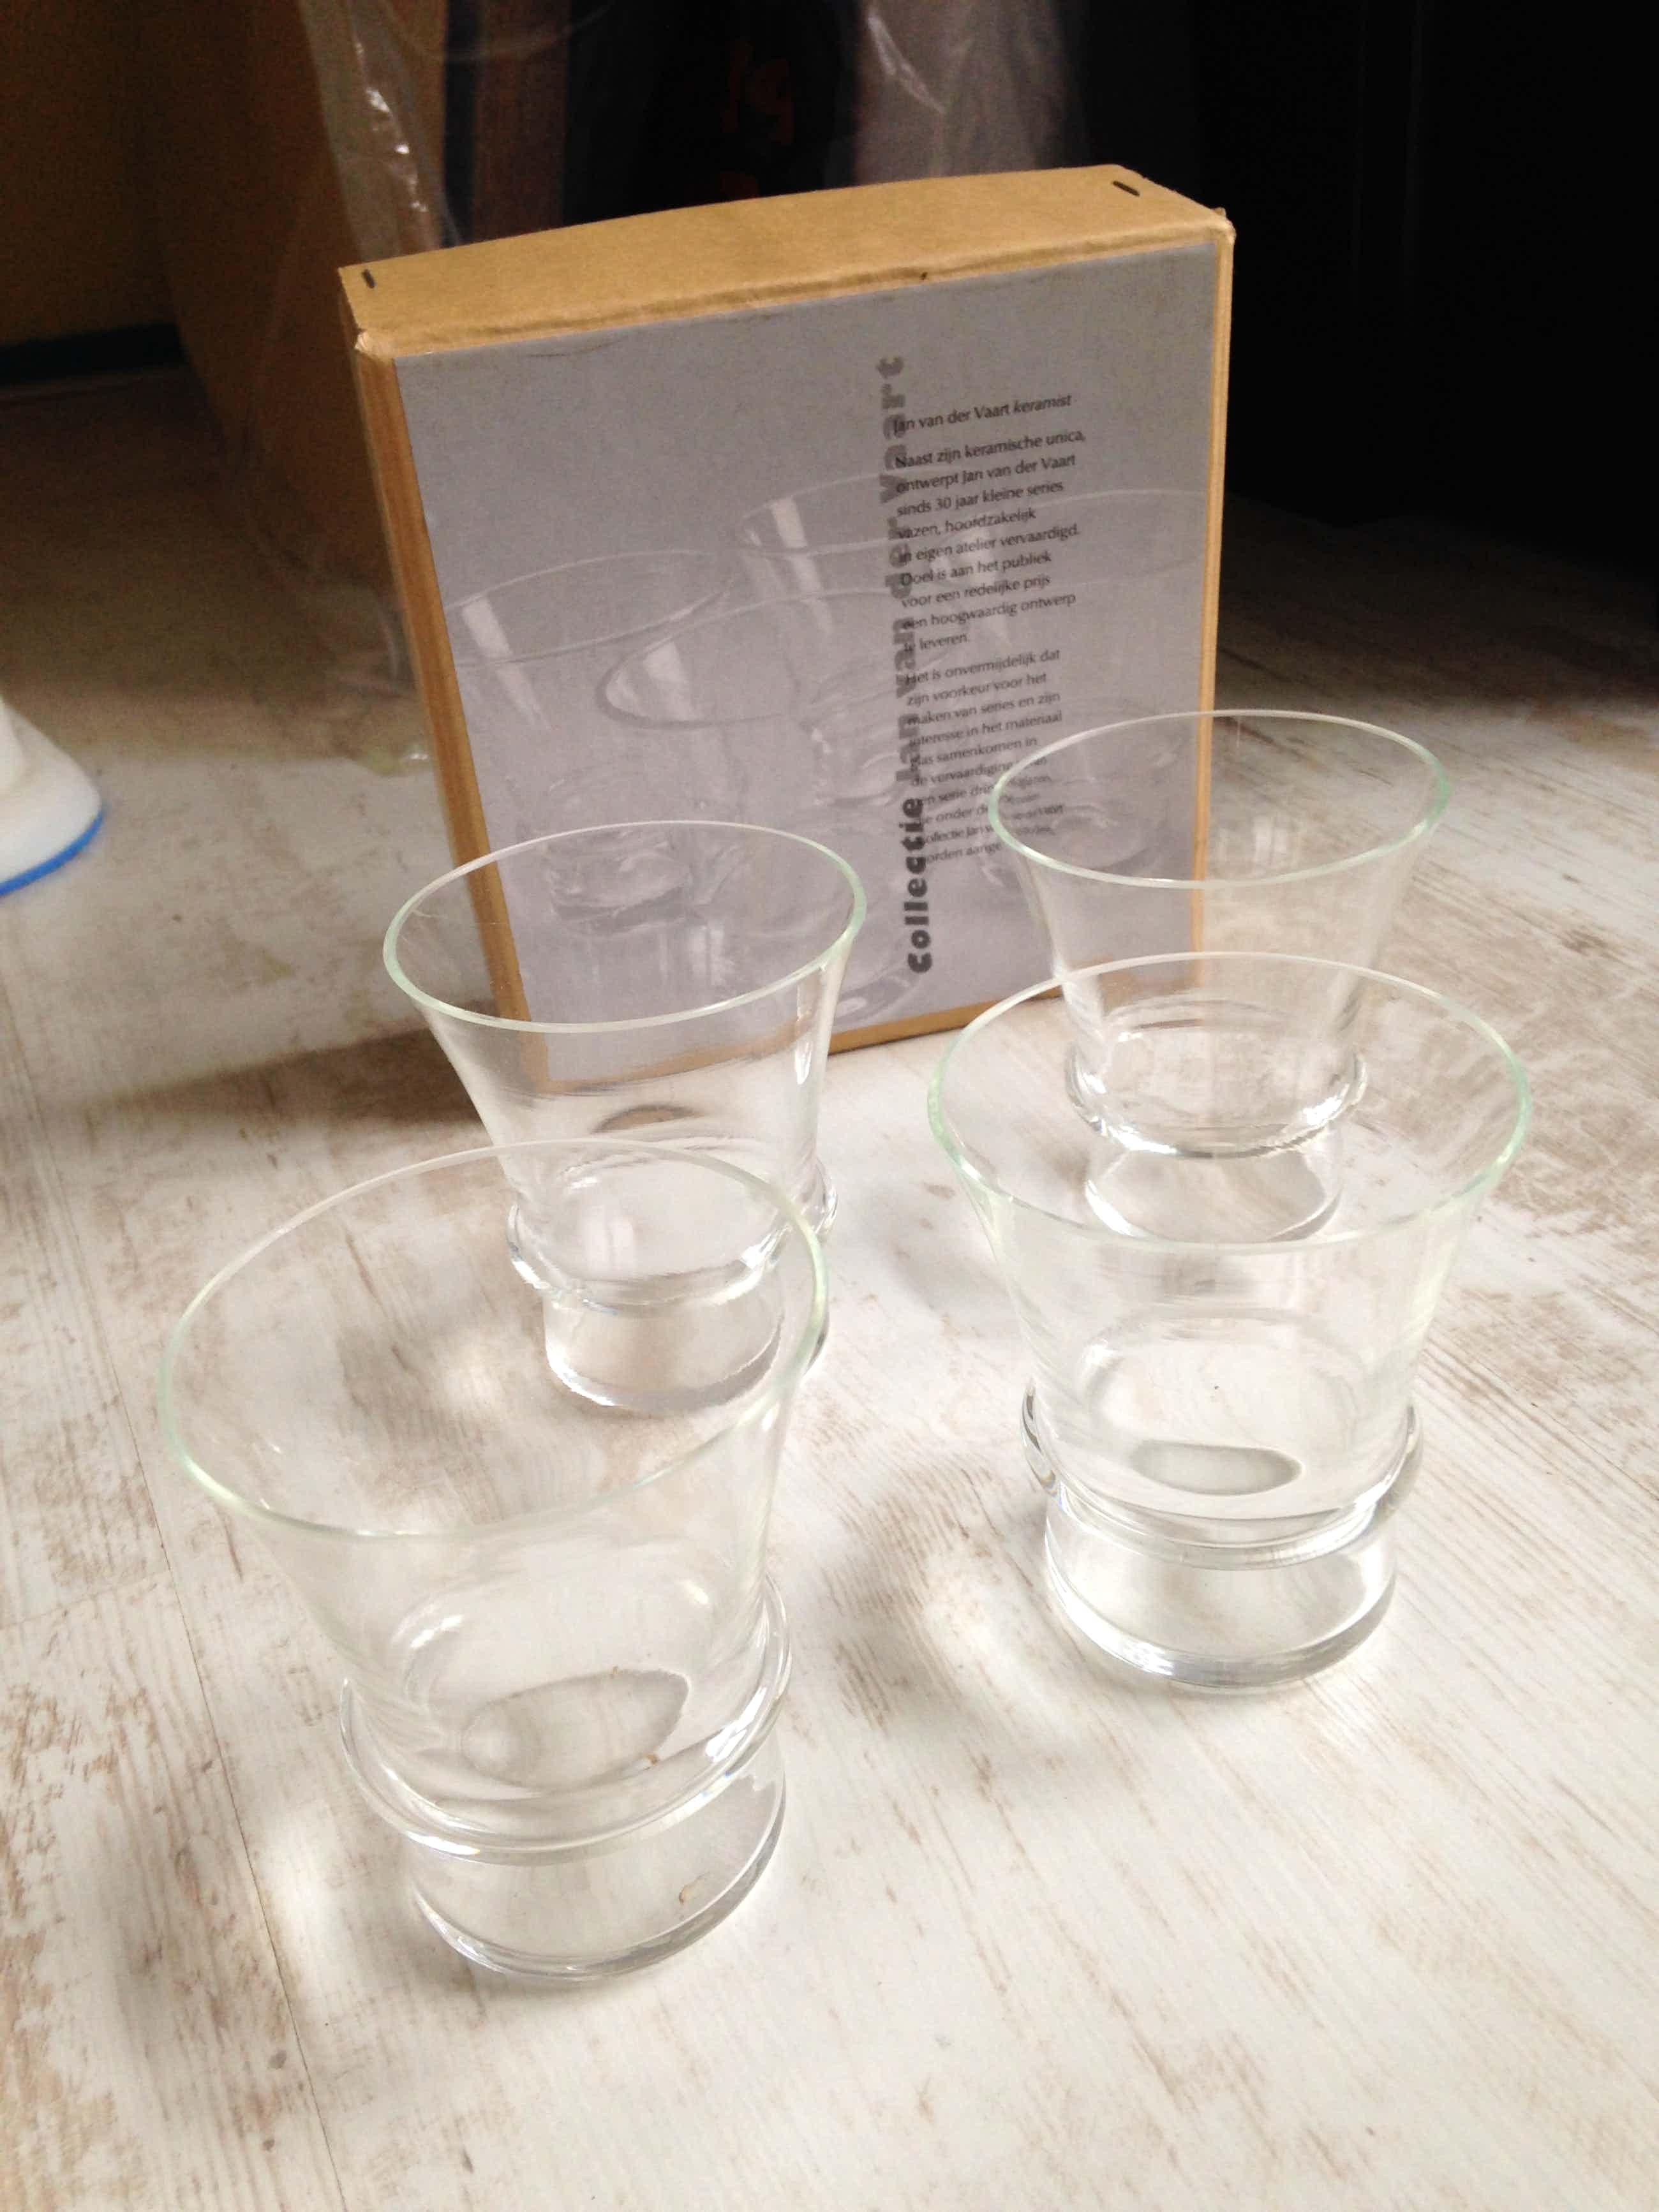 Jan van der Vaart - set van 4 wijn- sherryglazen (limited edition) kopen? Bied vanaf 49!